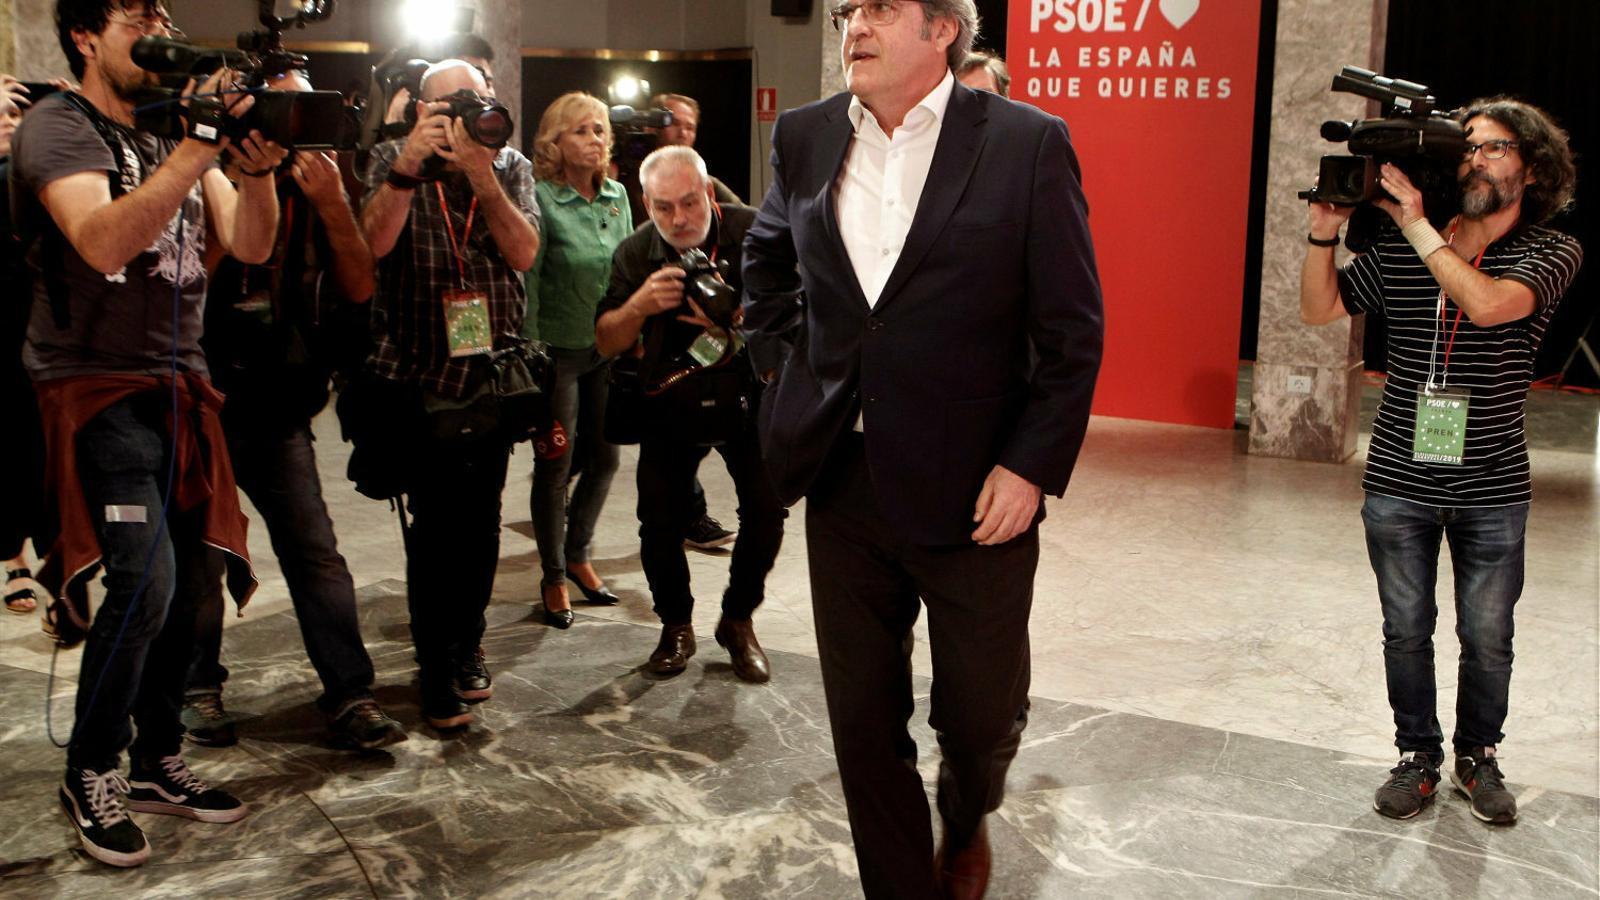 Madrid espatlla la reconquesta socialista